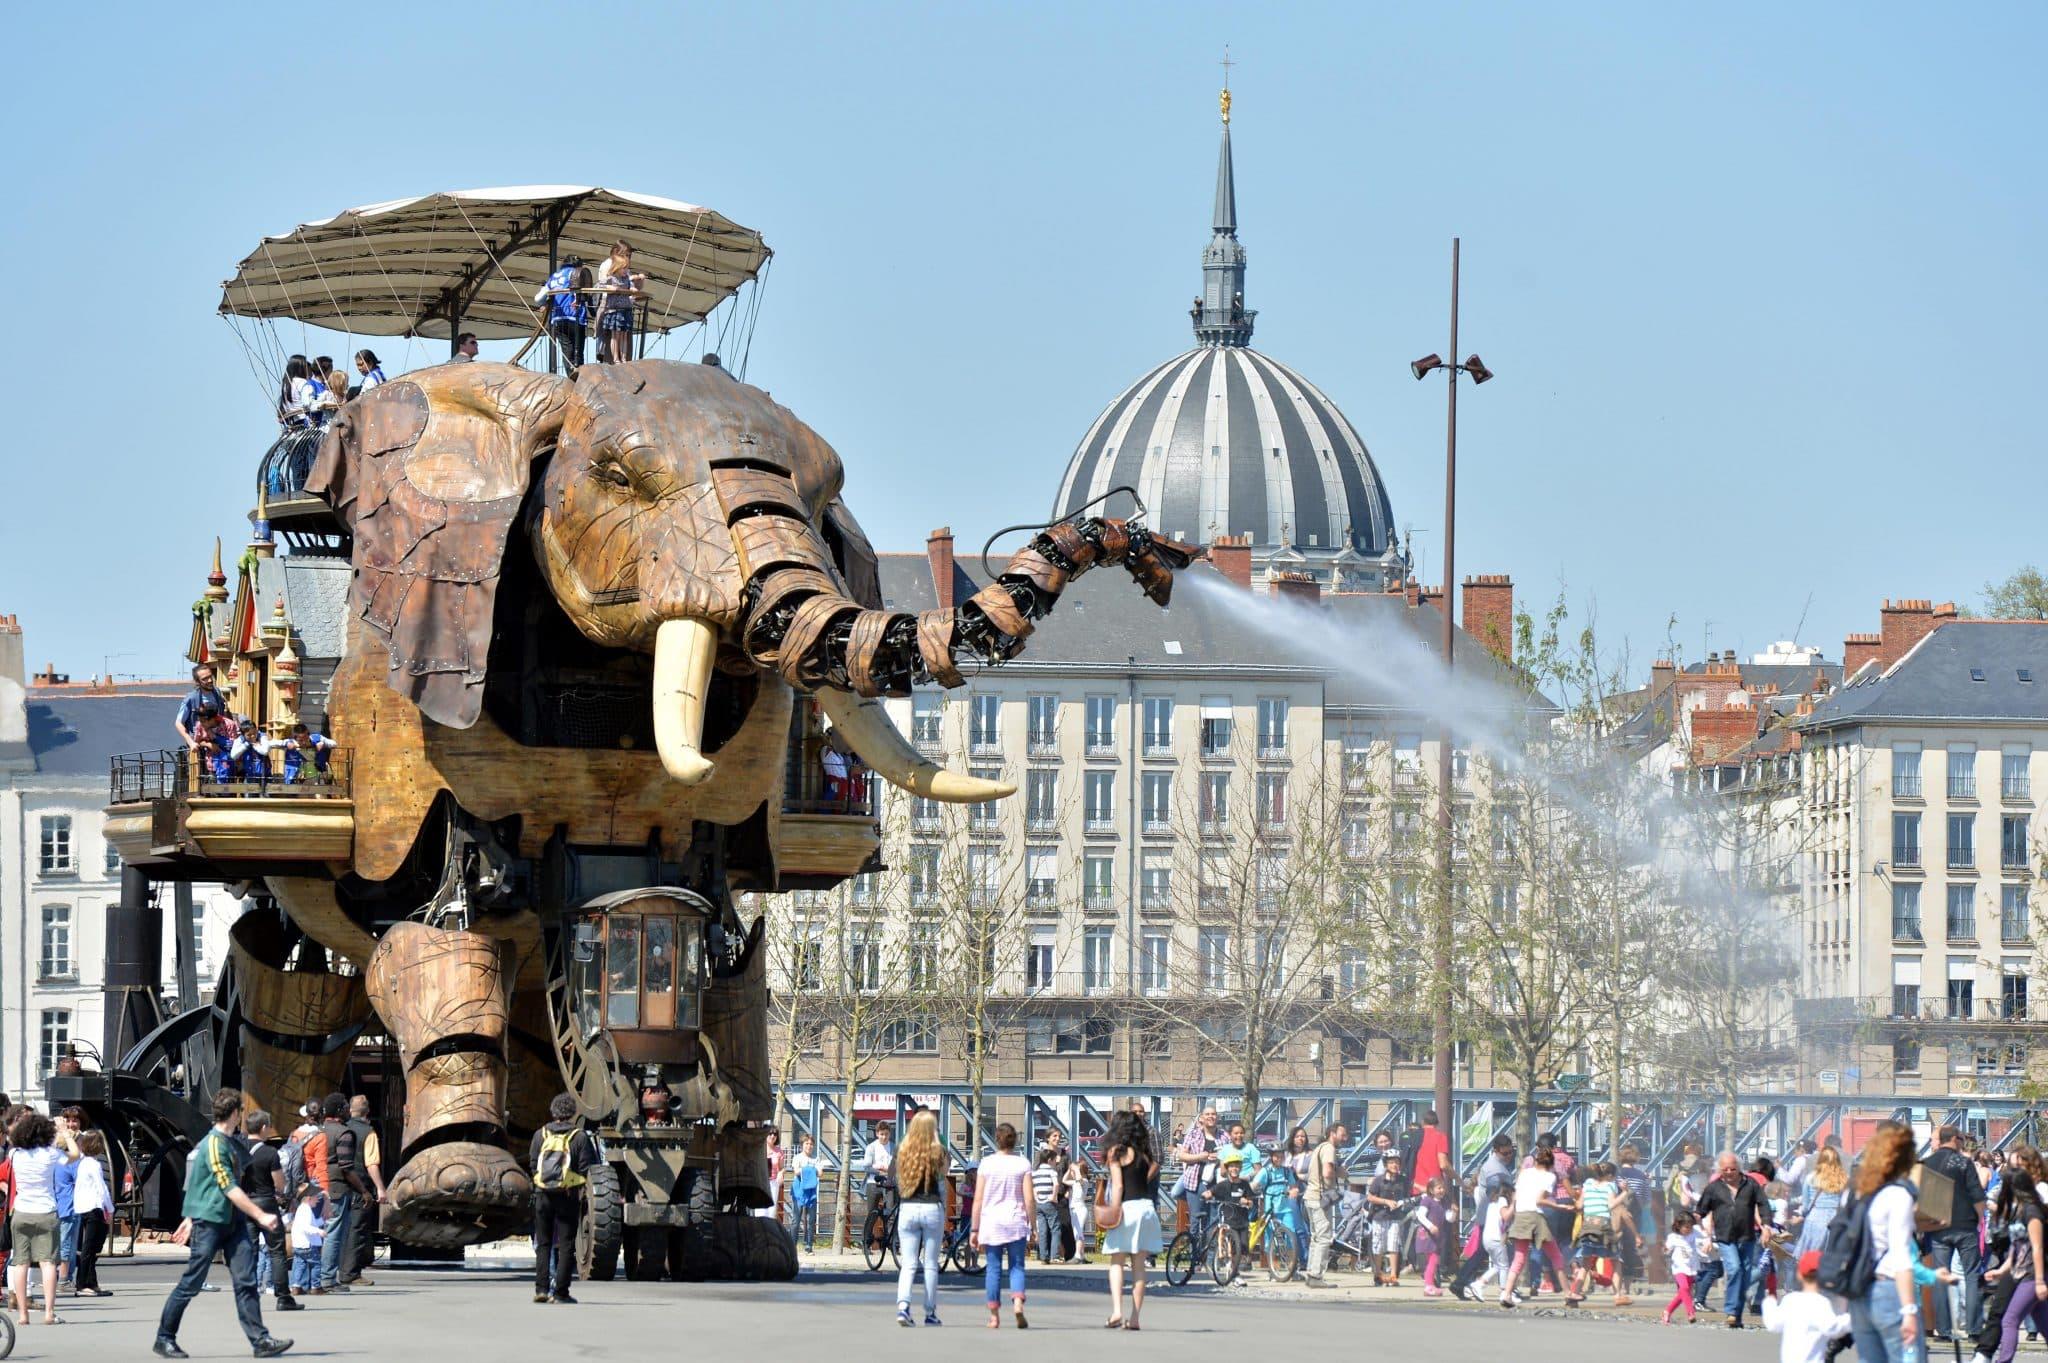 Le Grand Elephant Nantes